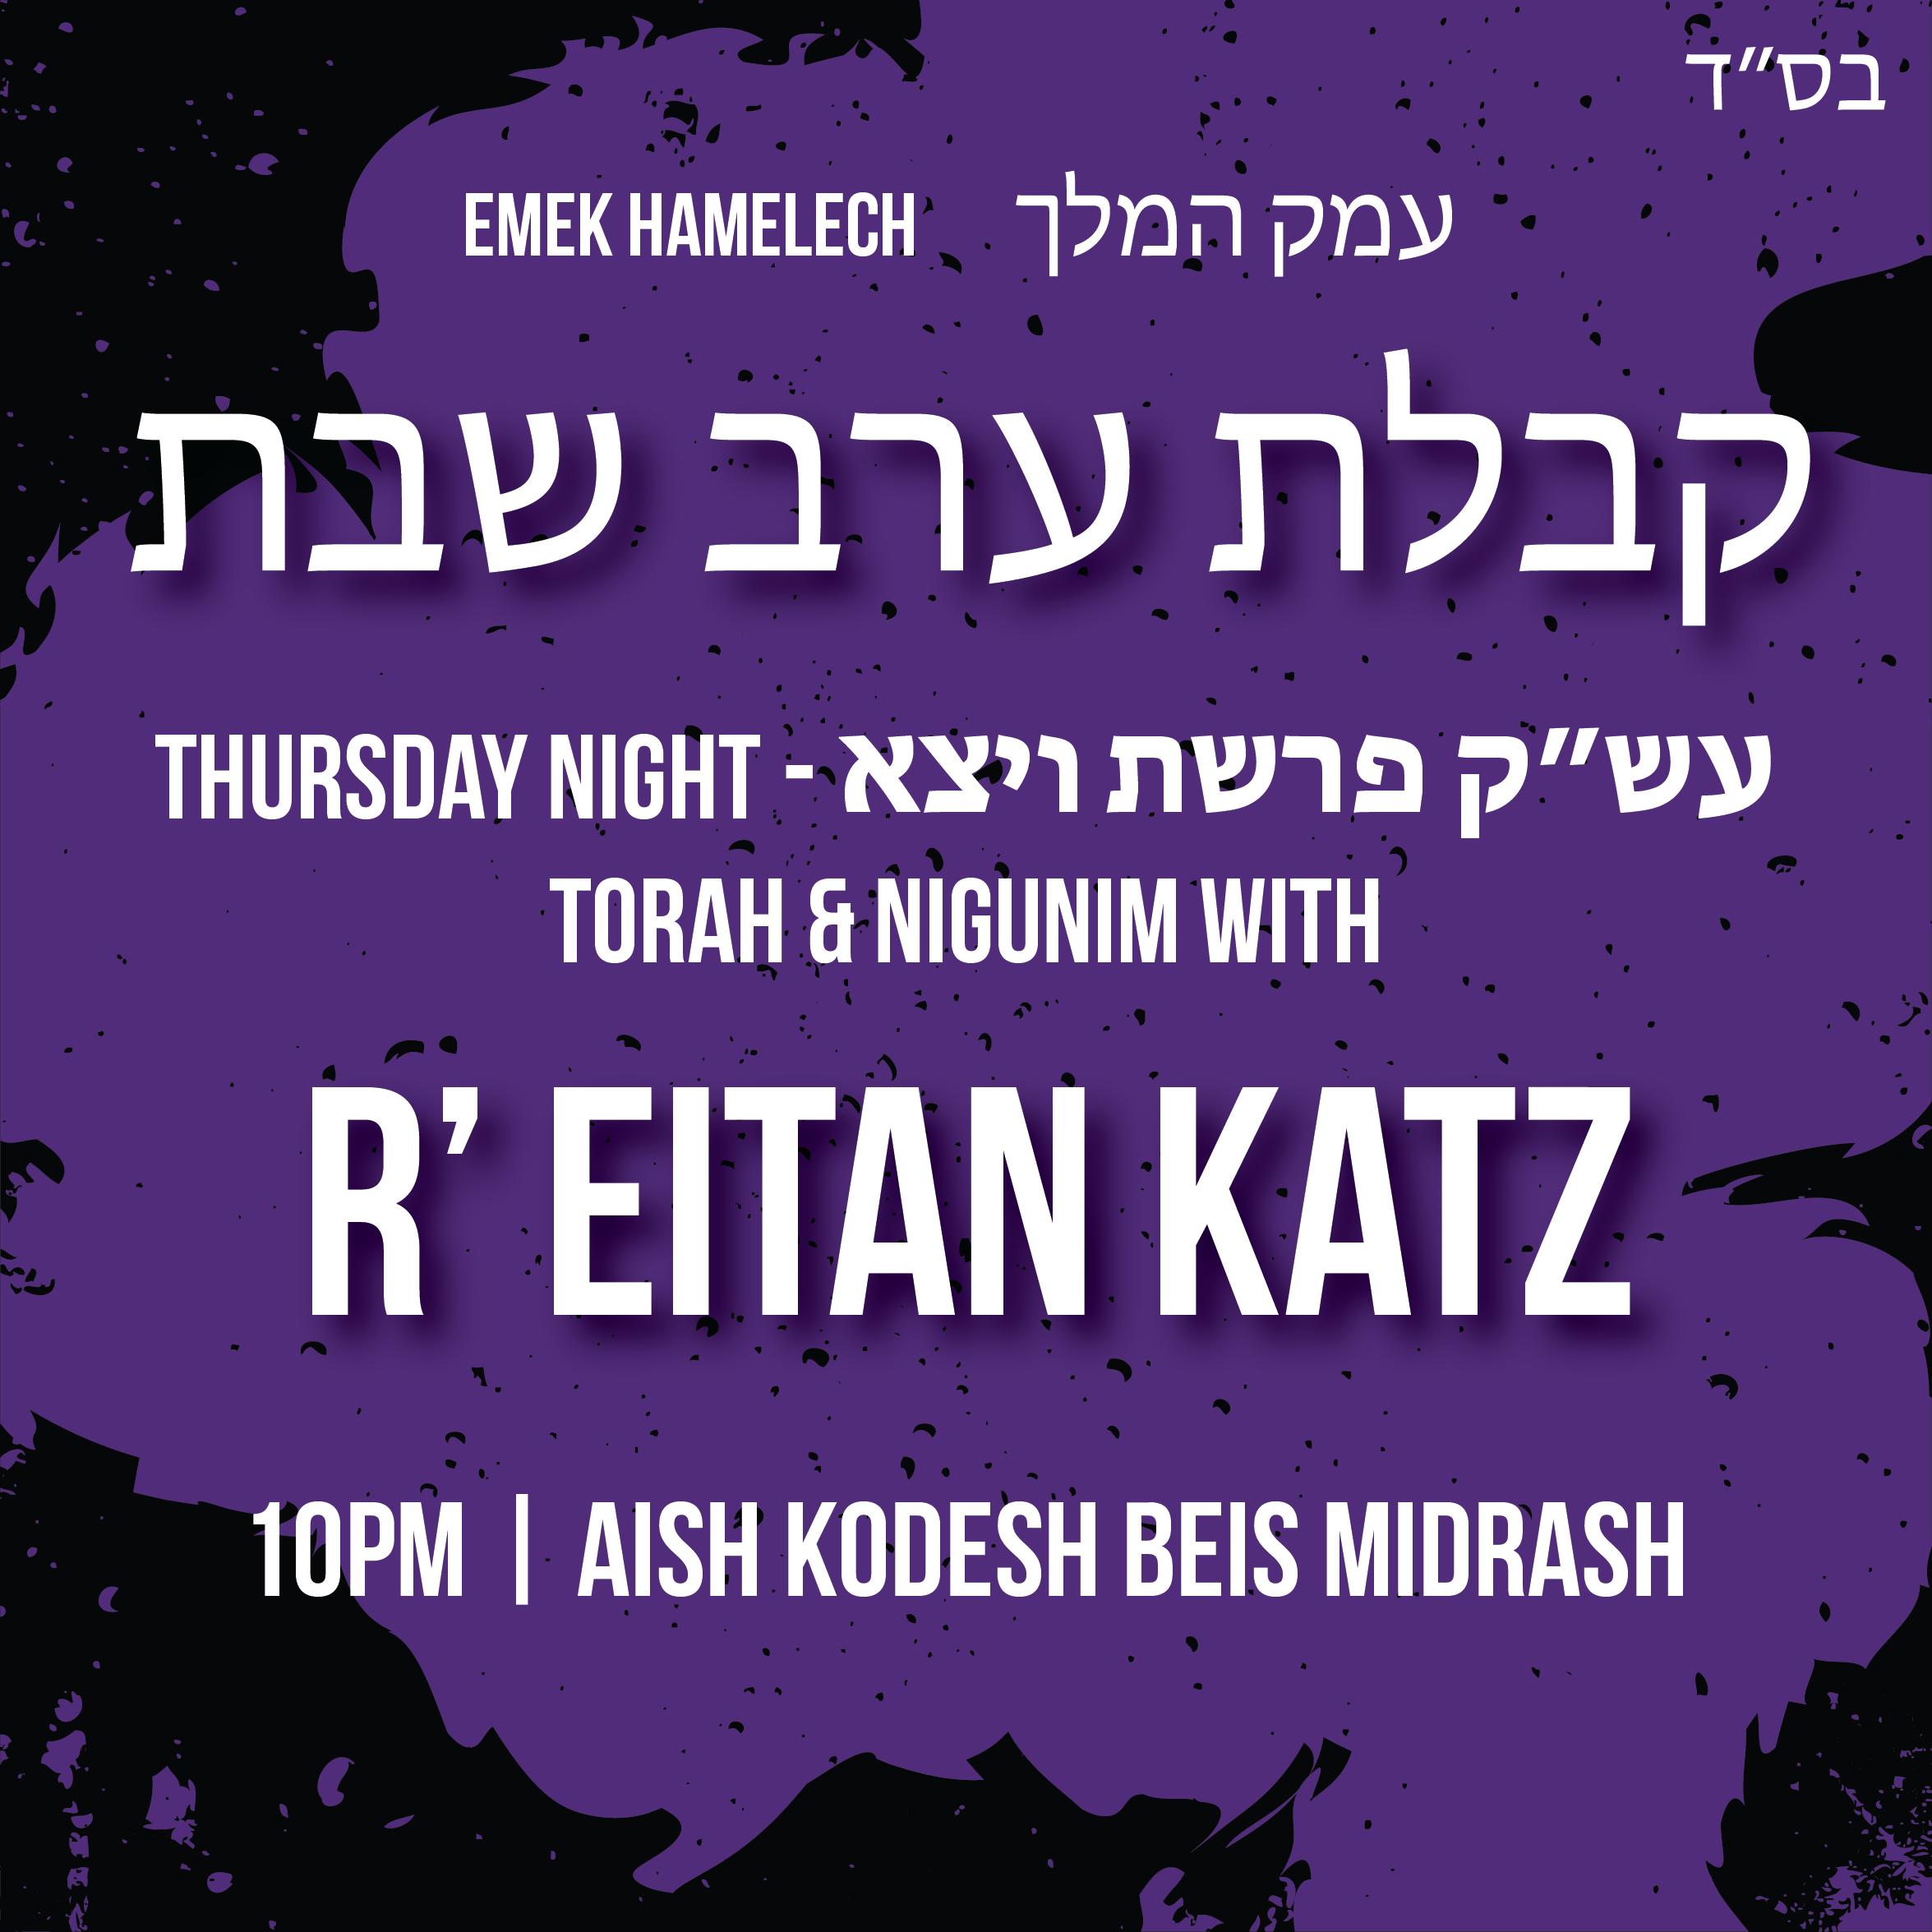 Kabbalat Erev Shabbat - Social Media Post, Eitan Katz